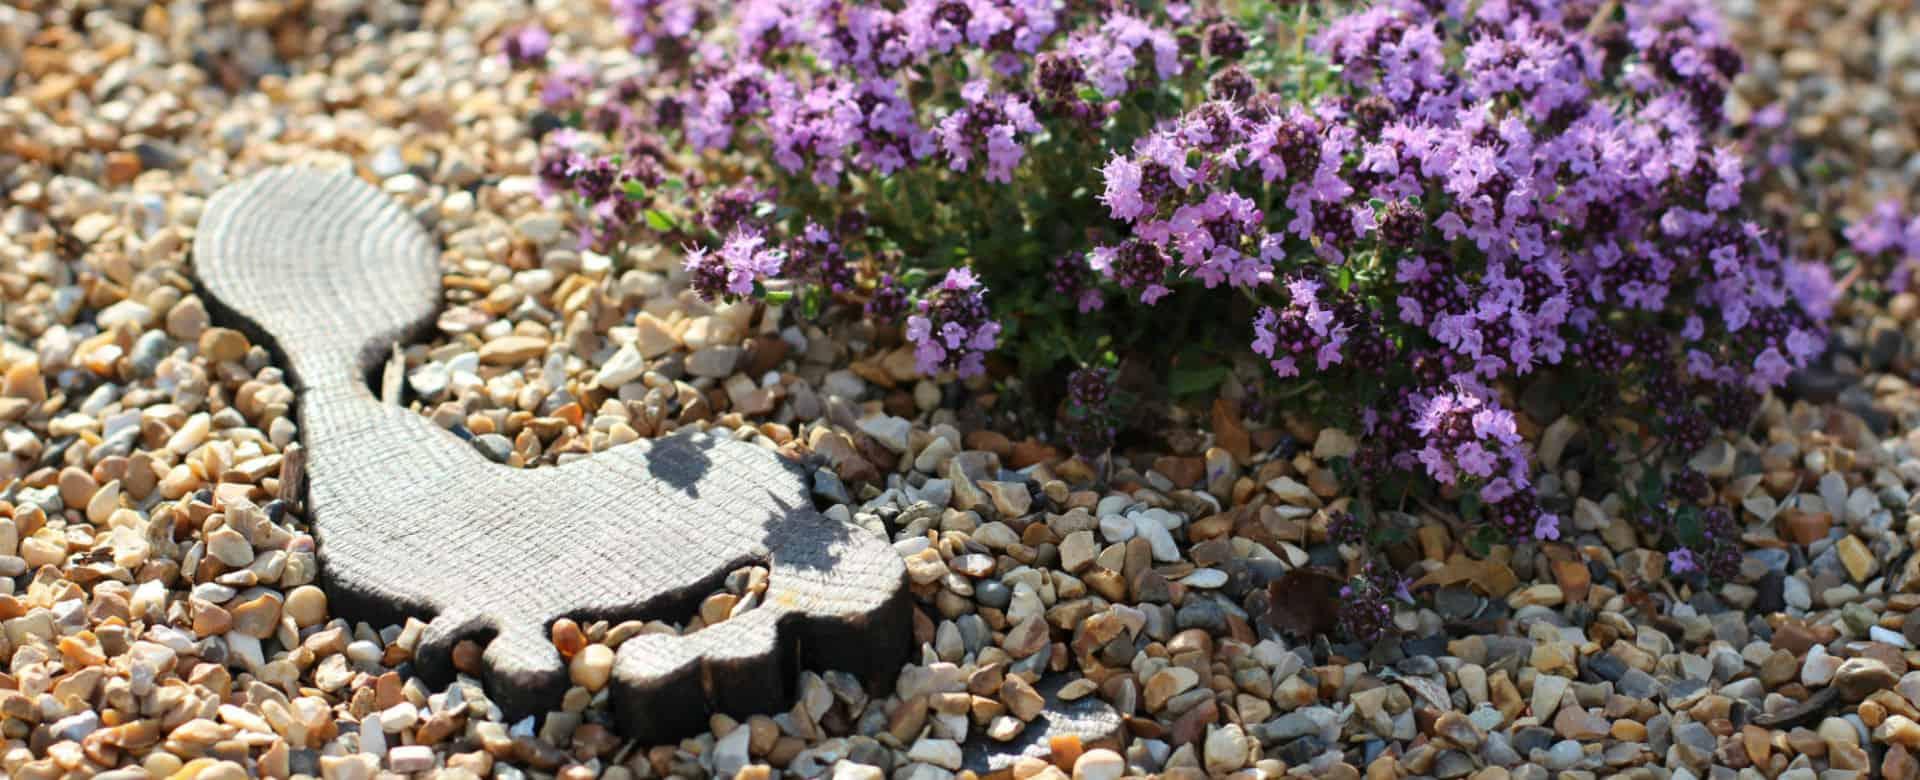 Clair-Merriman-Landscape-Gardening-Guildford-v2